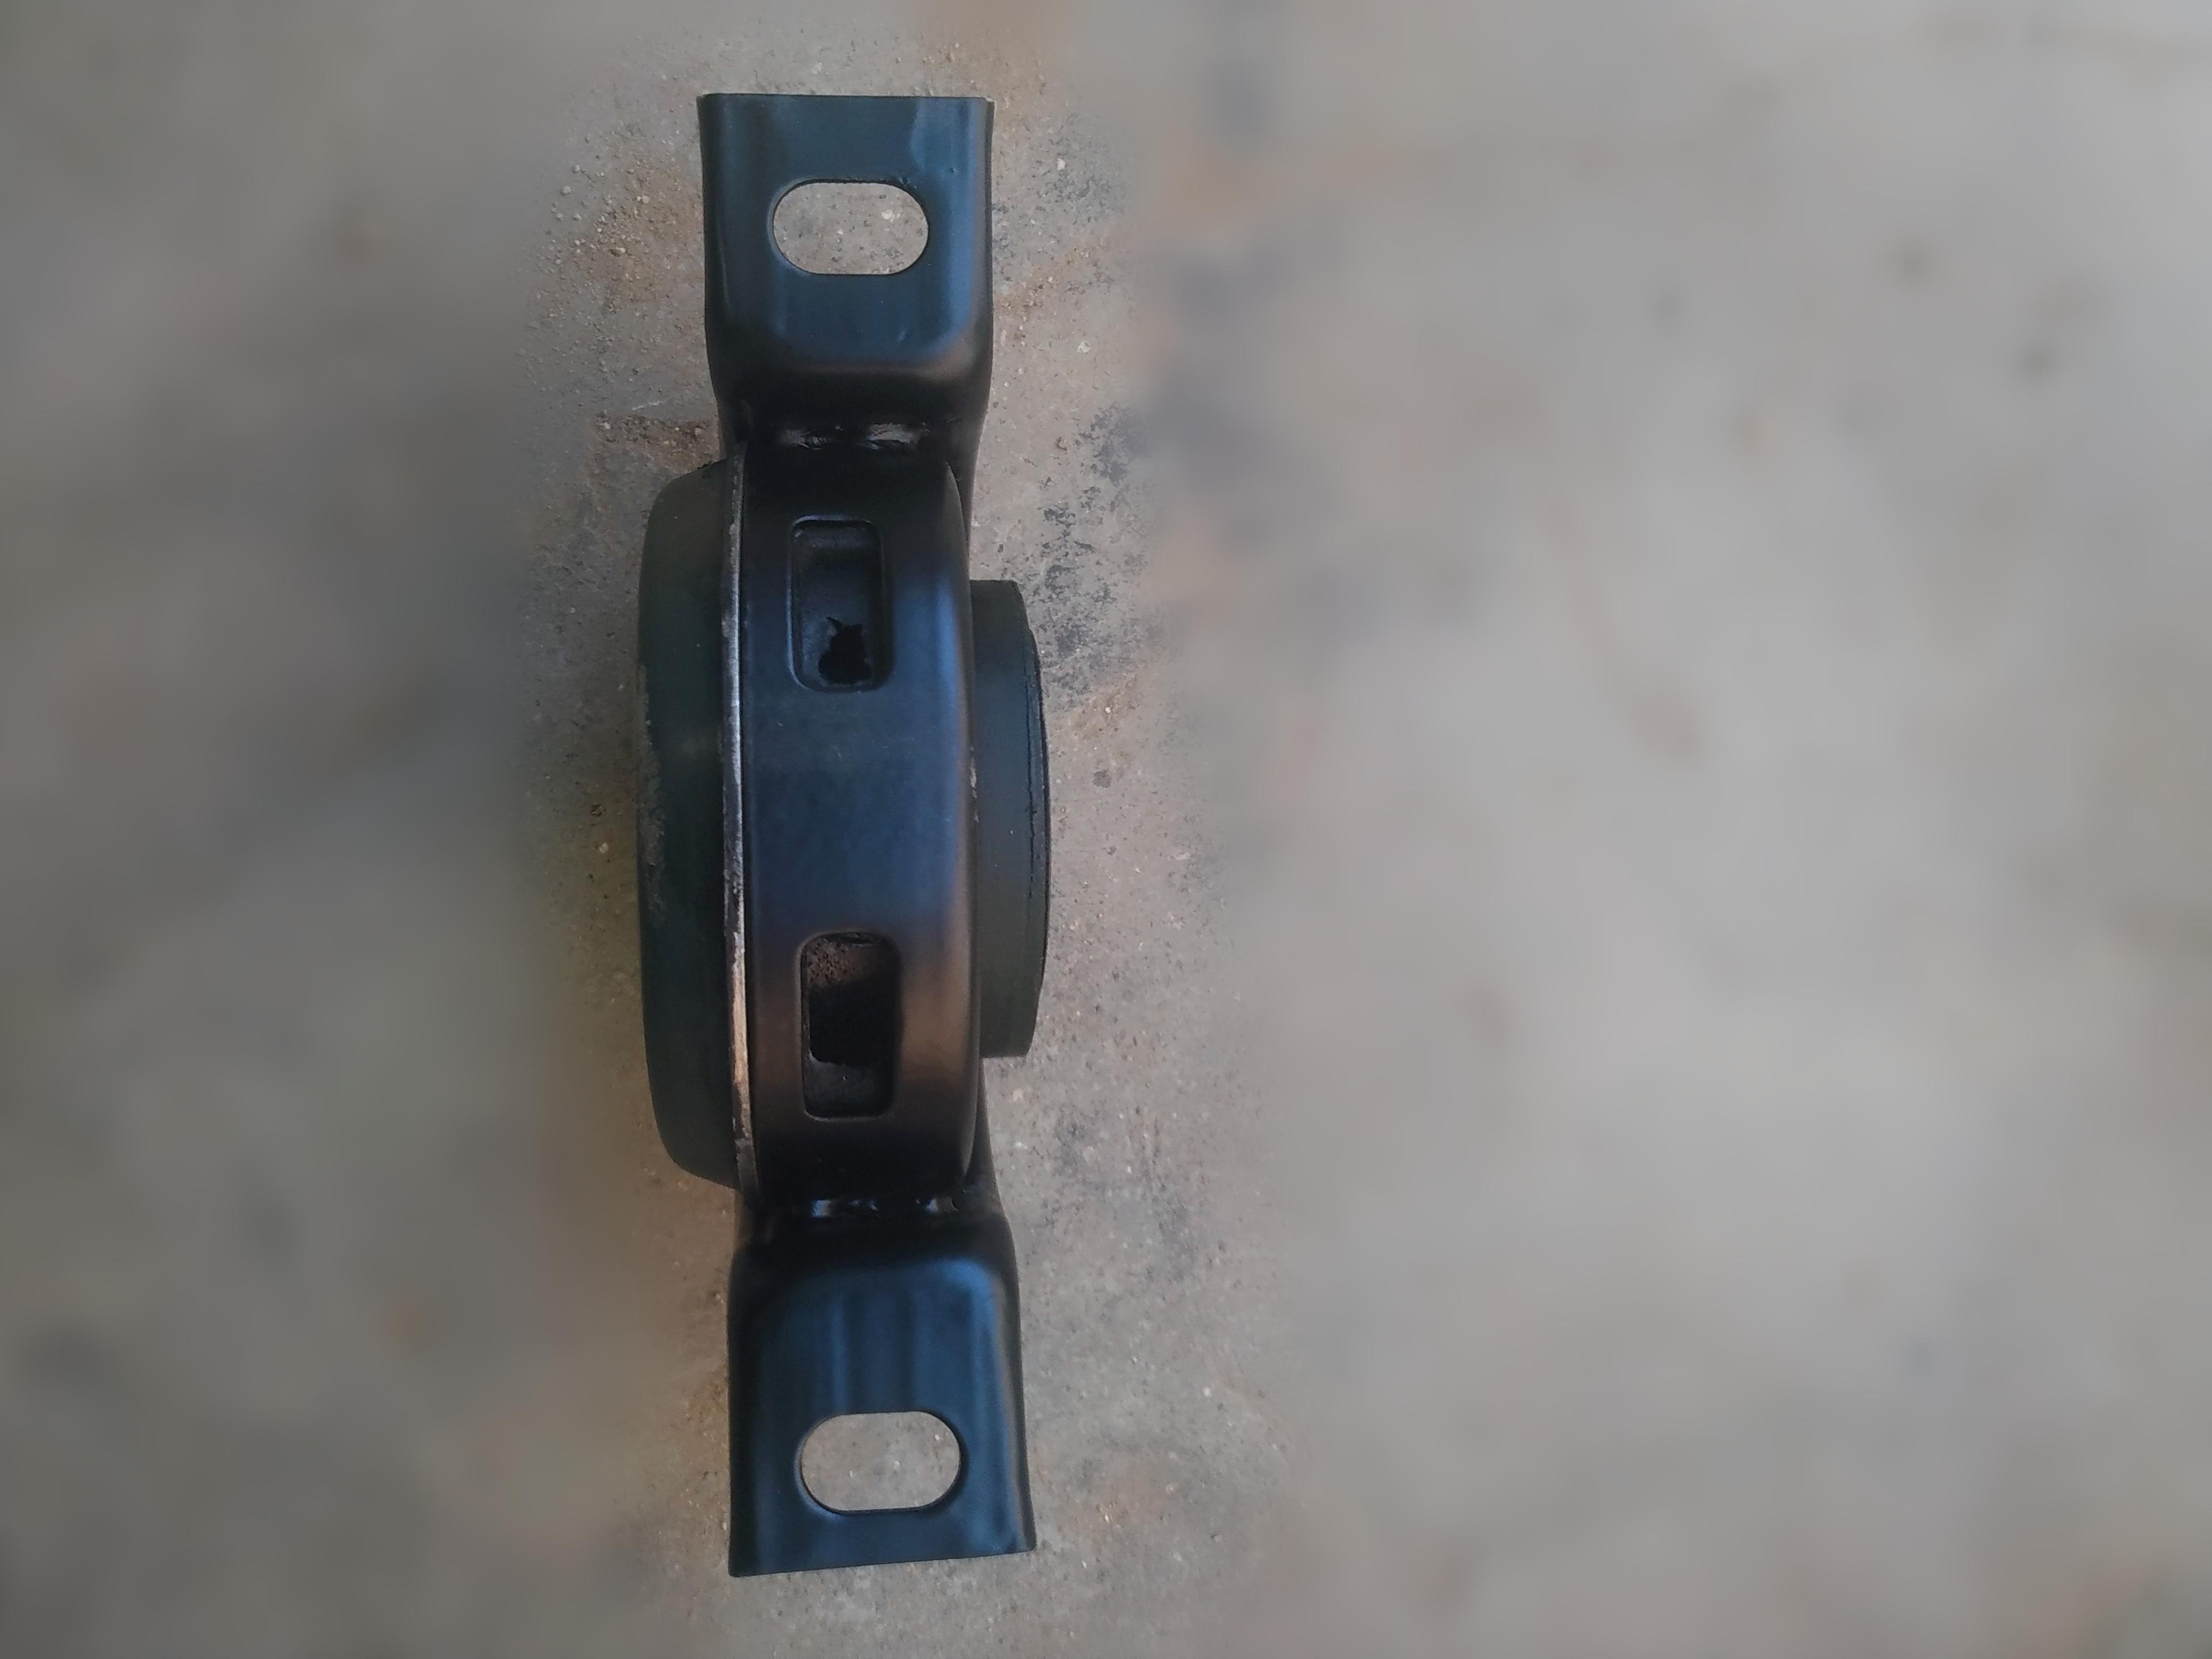 fukuda era, V1VQ1 ling q izdaja izdaja pogonske gredi, s skupno obešalnik / prekinjena smer v prvotni most